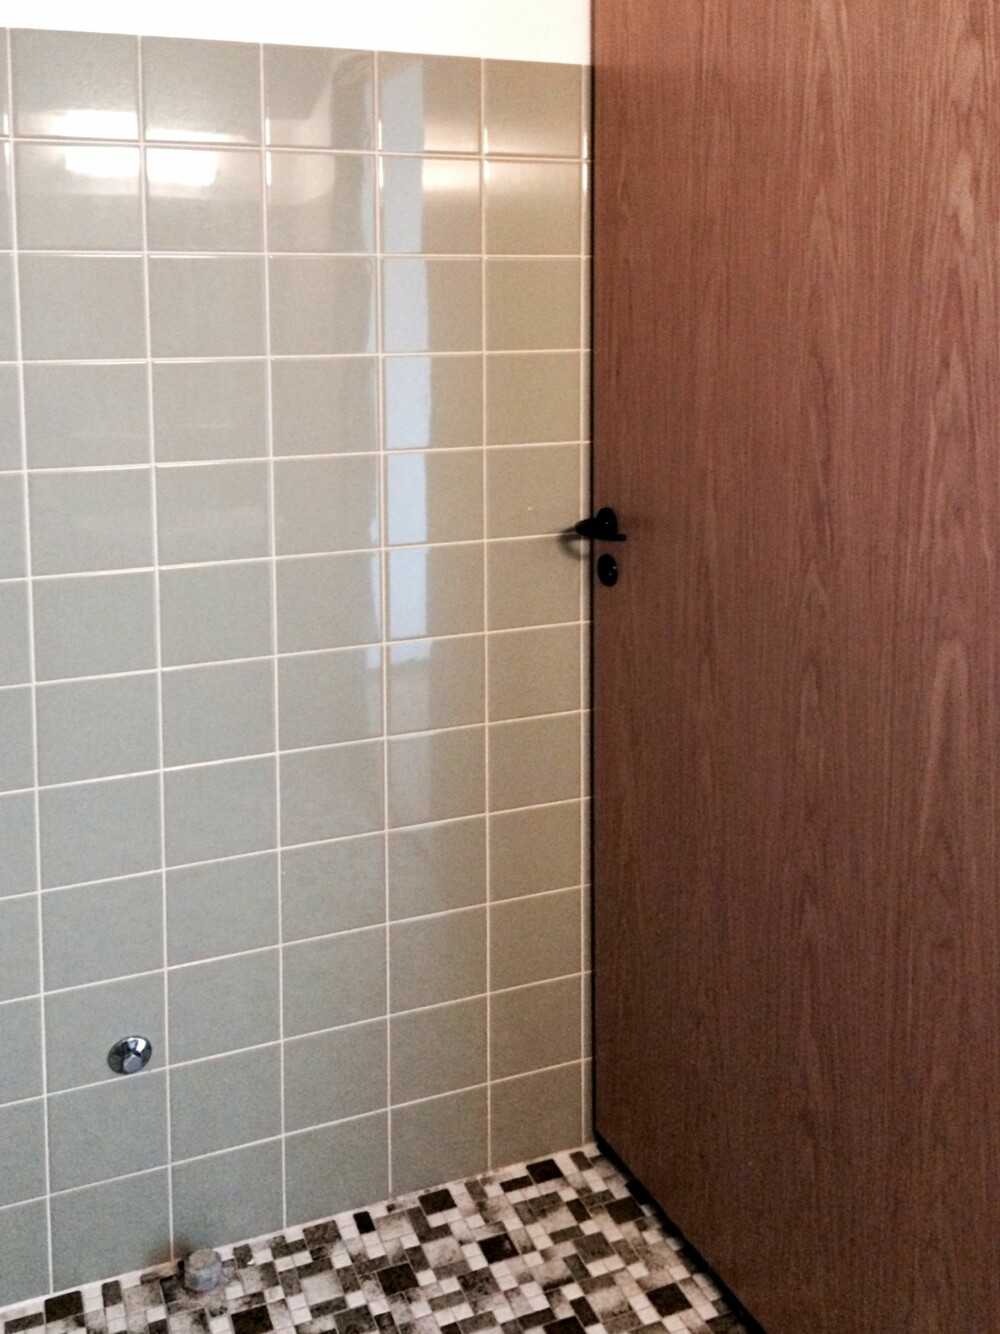 FØR: Badet var heller slitent! Her var det behov for oppgradering. FOTO:Privat